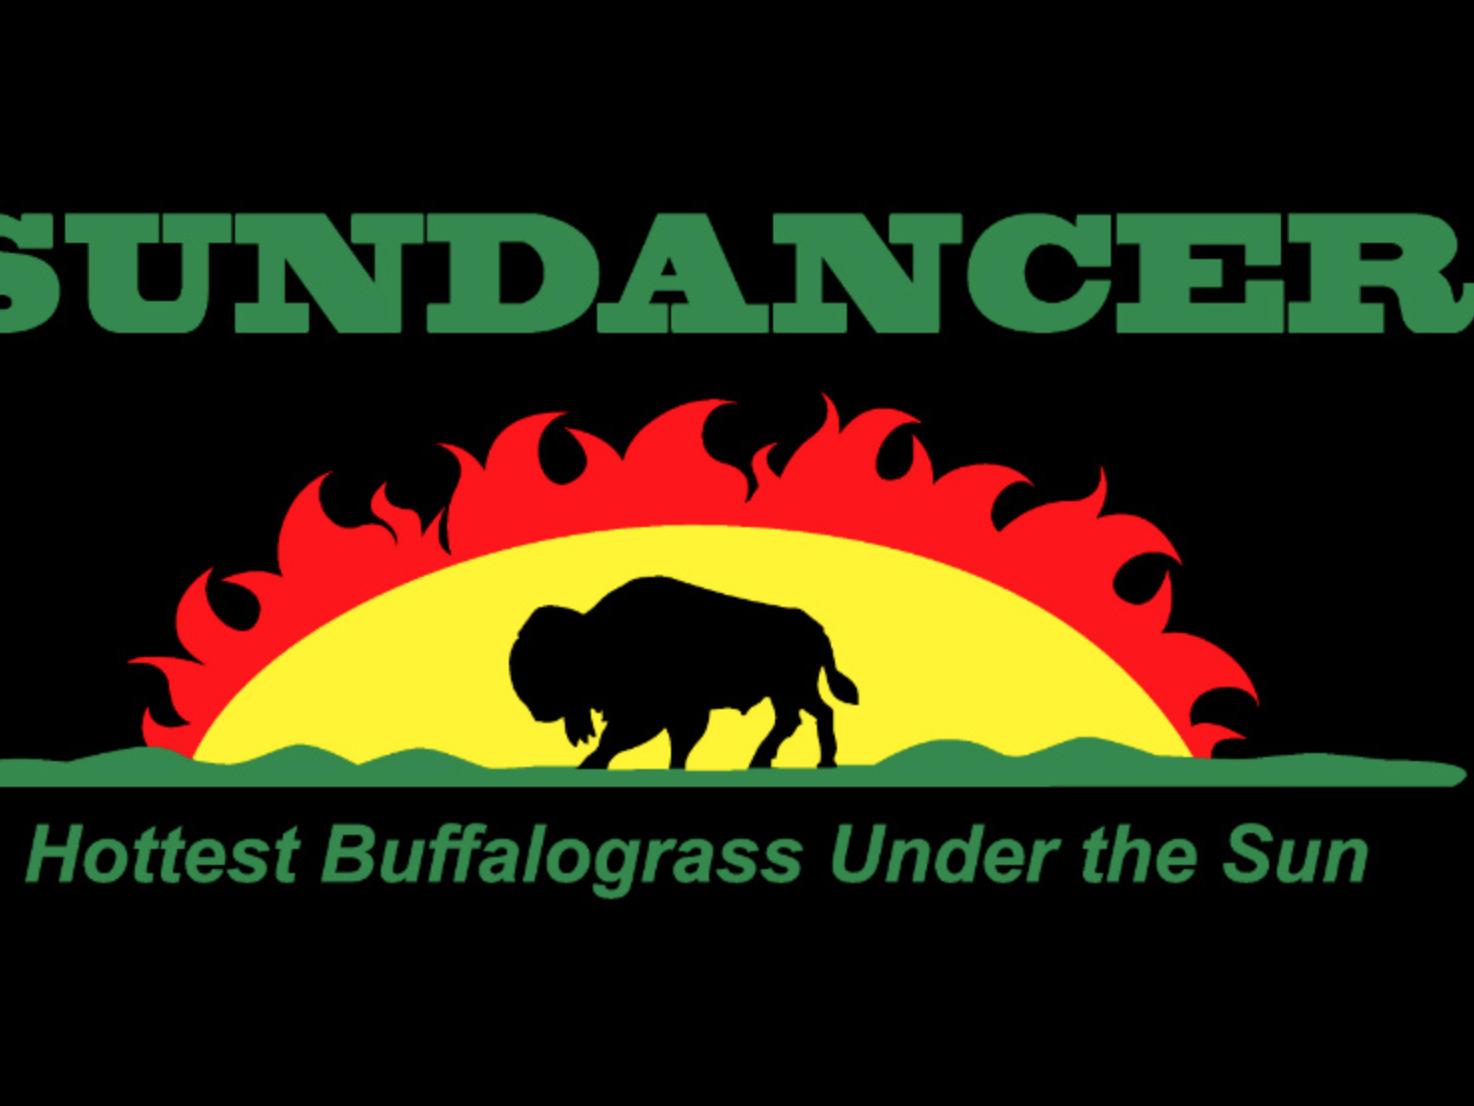 Sundancer Buffalograss